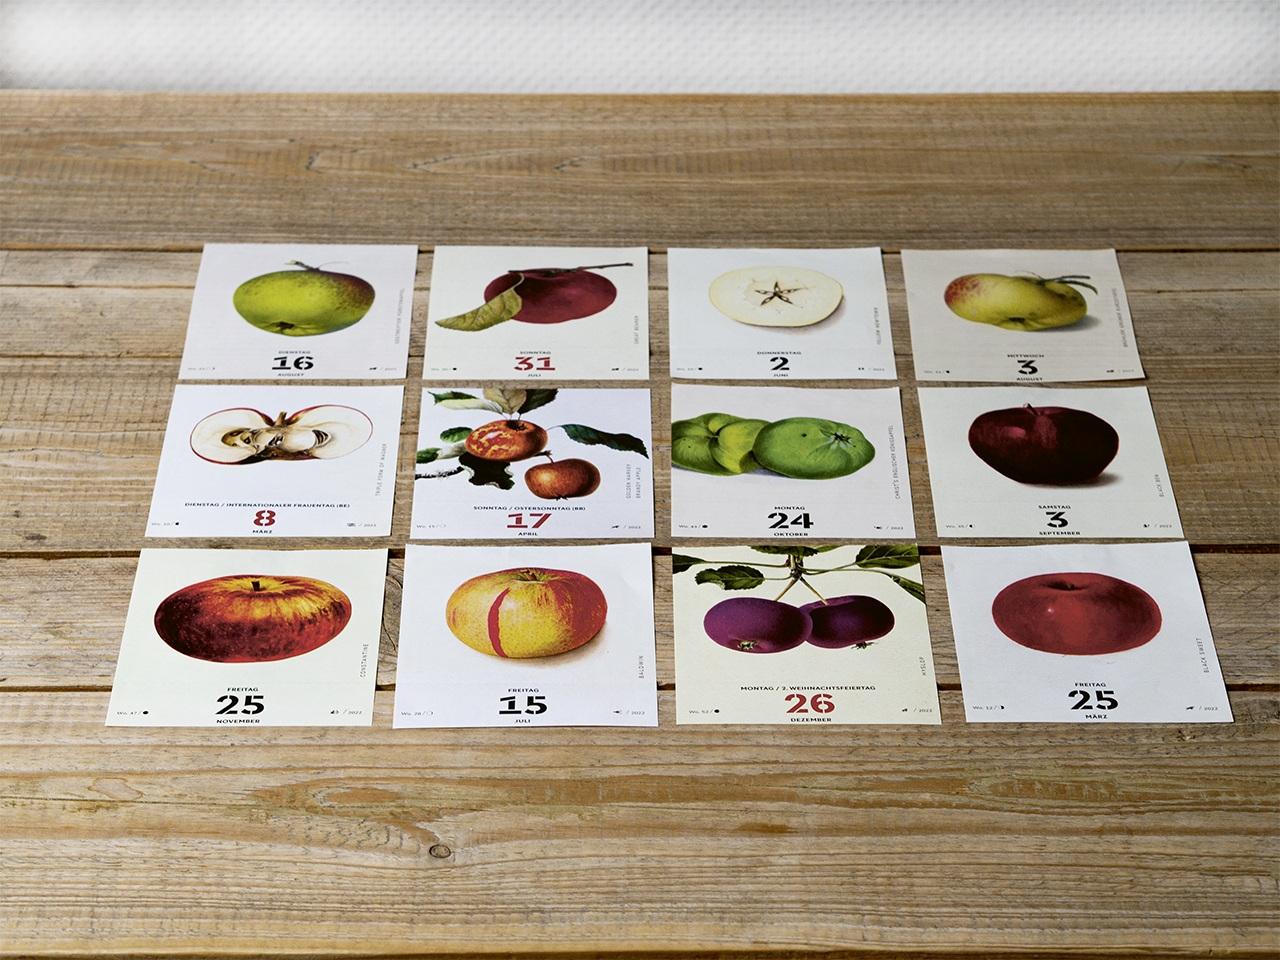 Beispielbild vom neuen Apfelkalender 2022